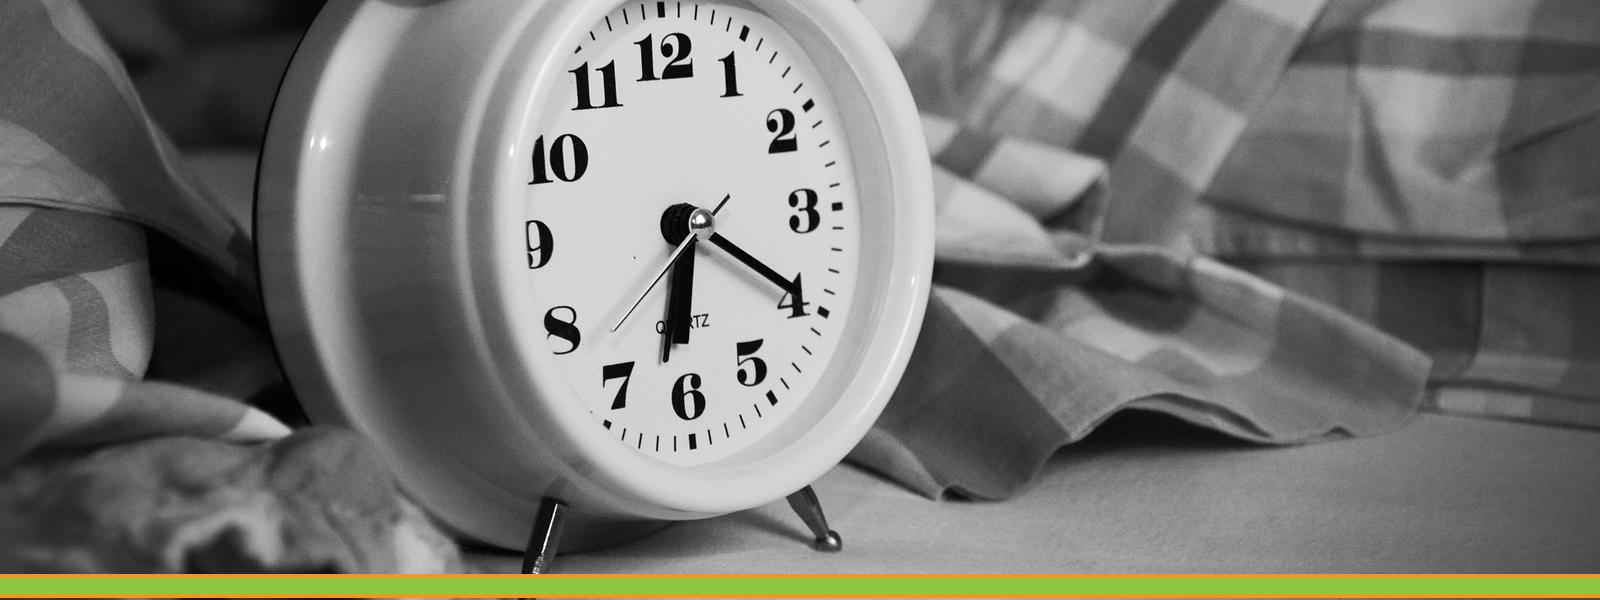 Lutte contre la somnolence et ses dangers au travail